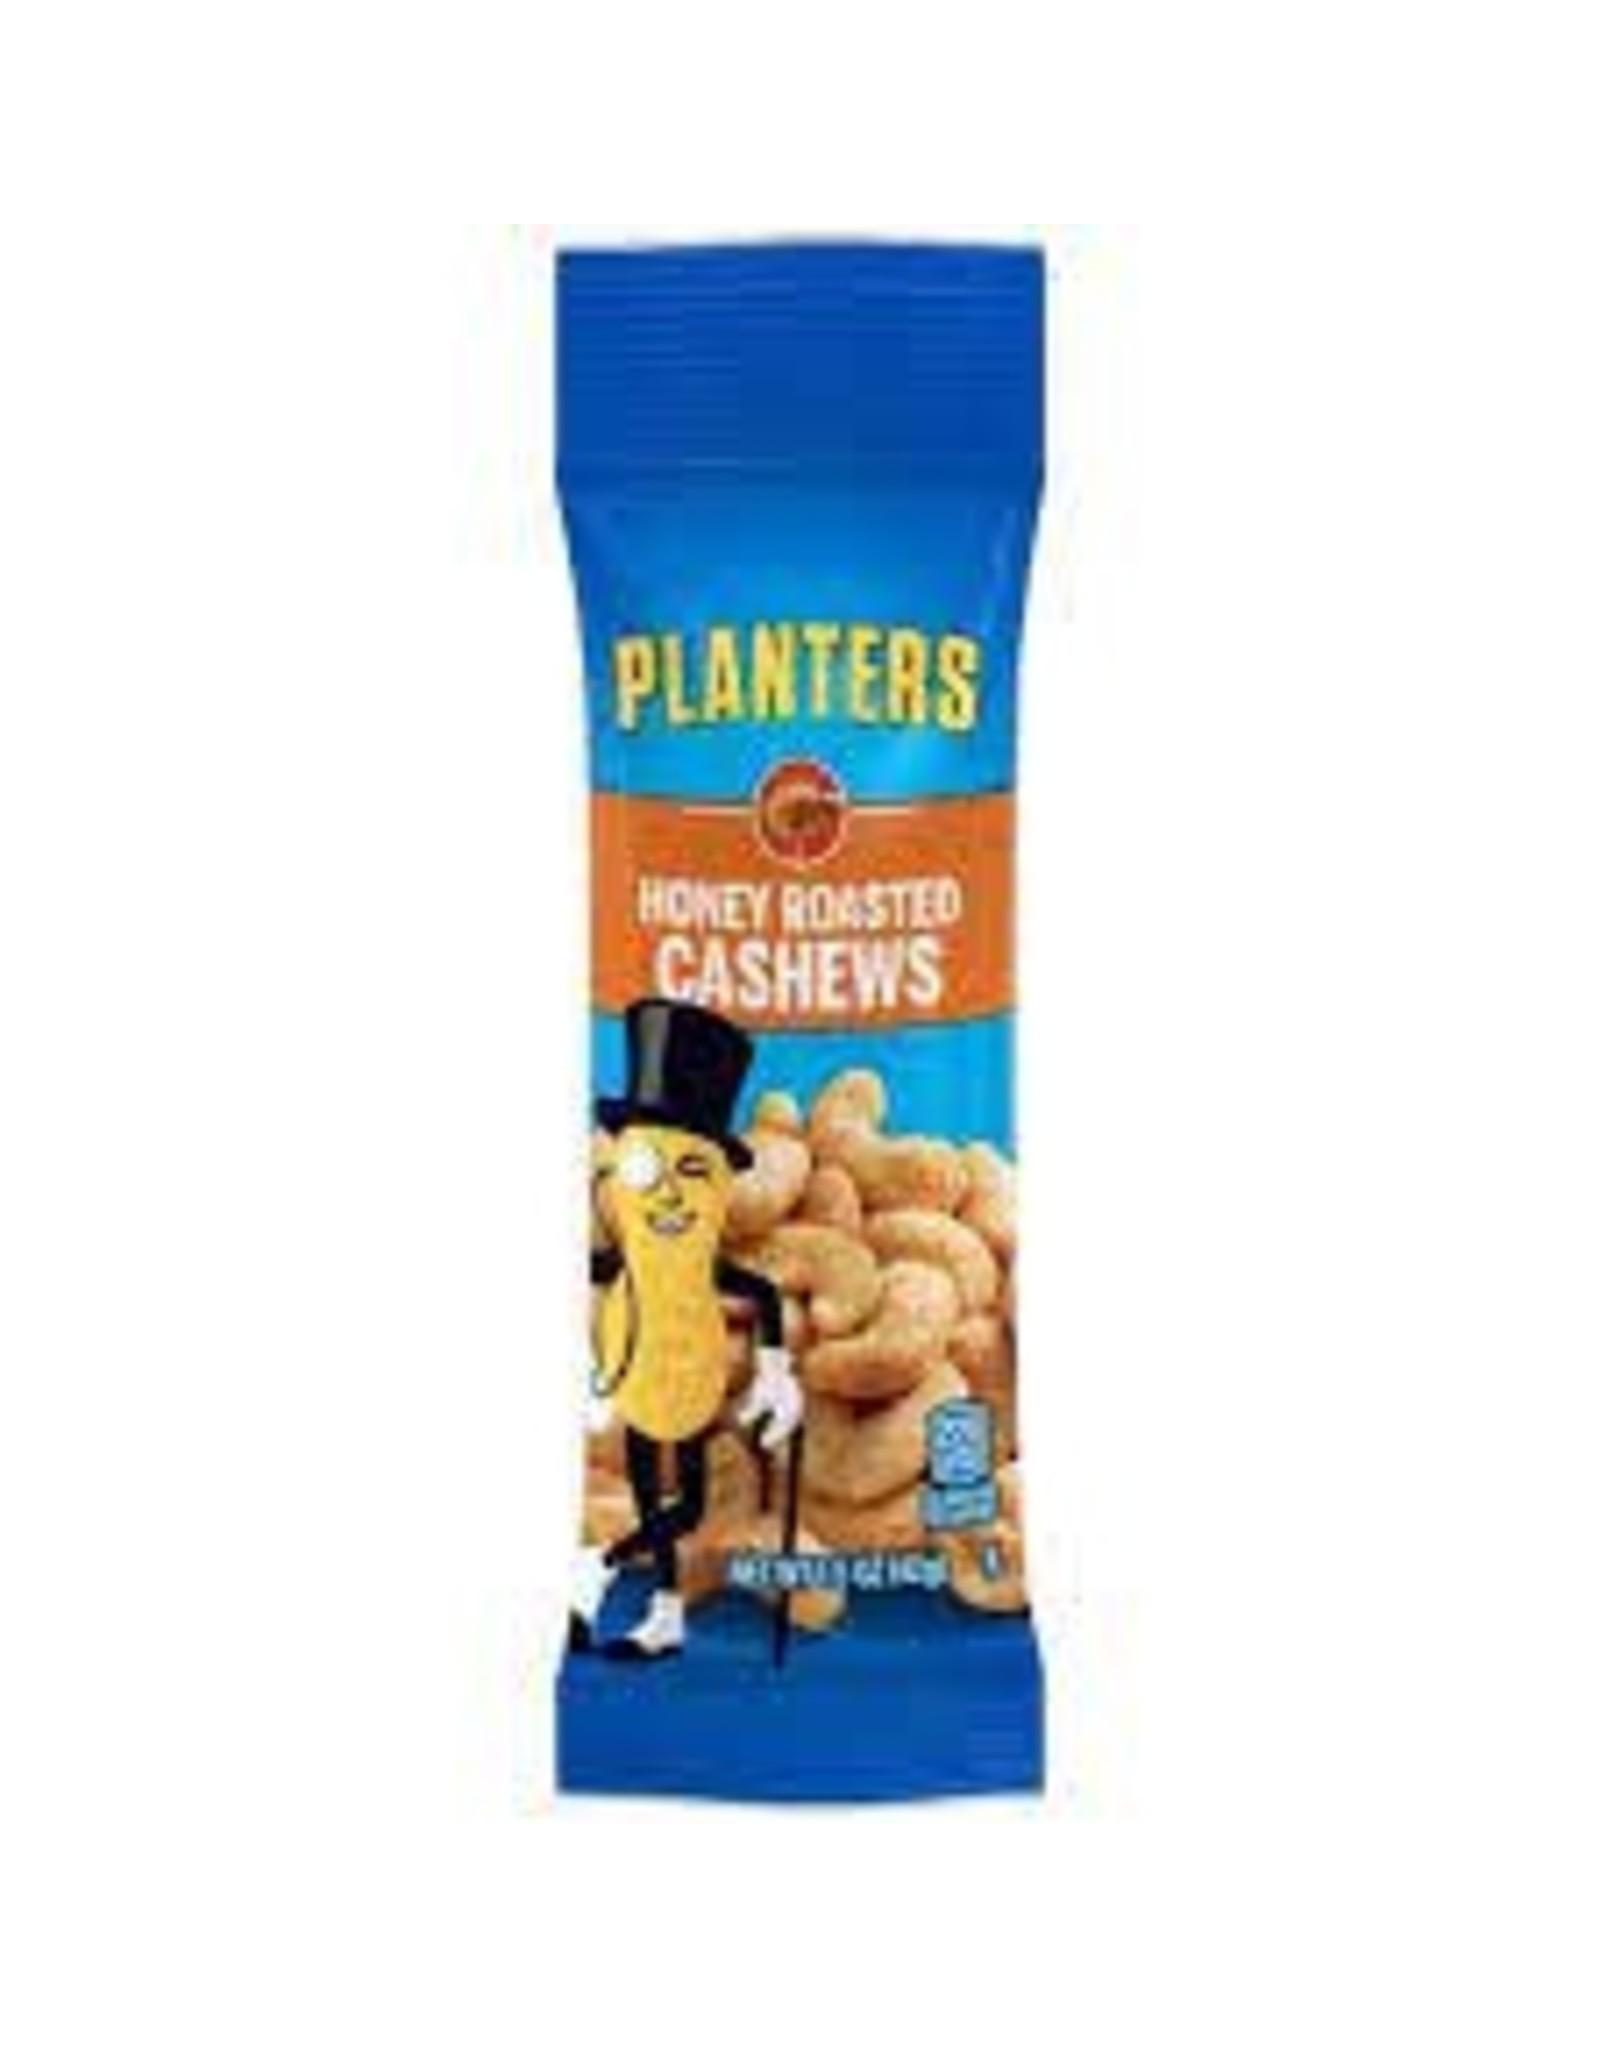 PLANTERS HONEY ROASTED CASHEWS